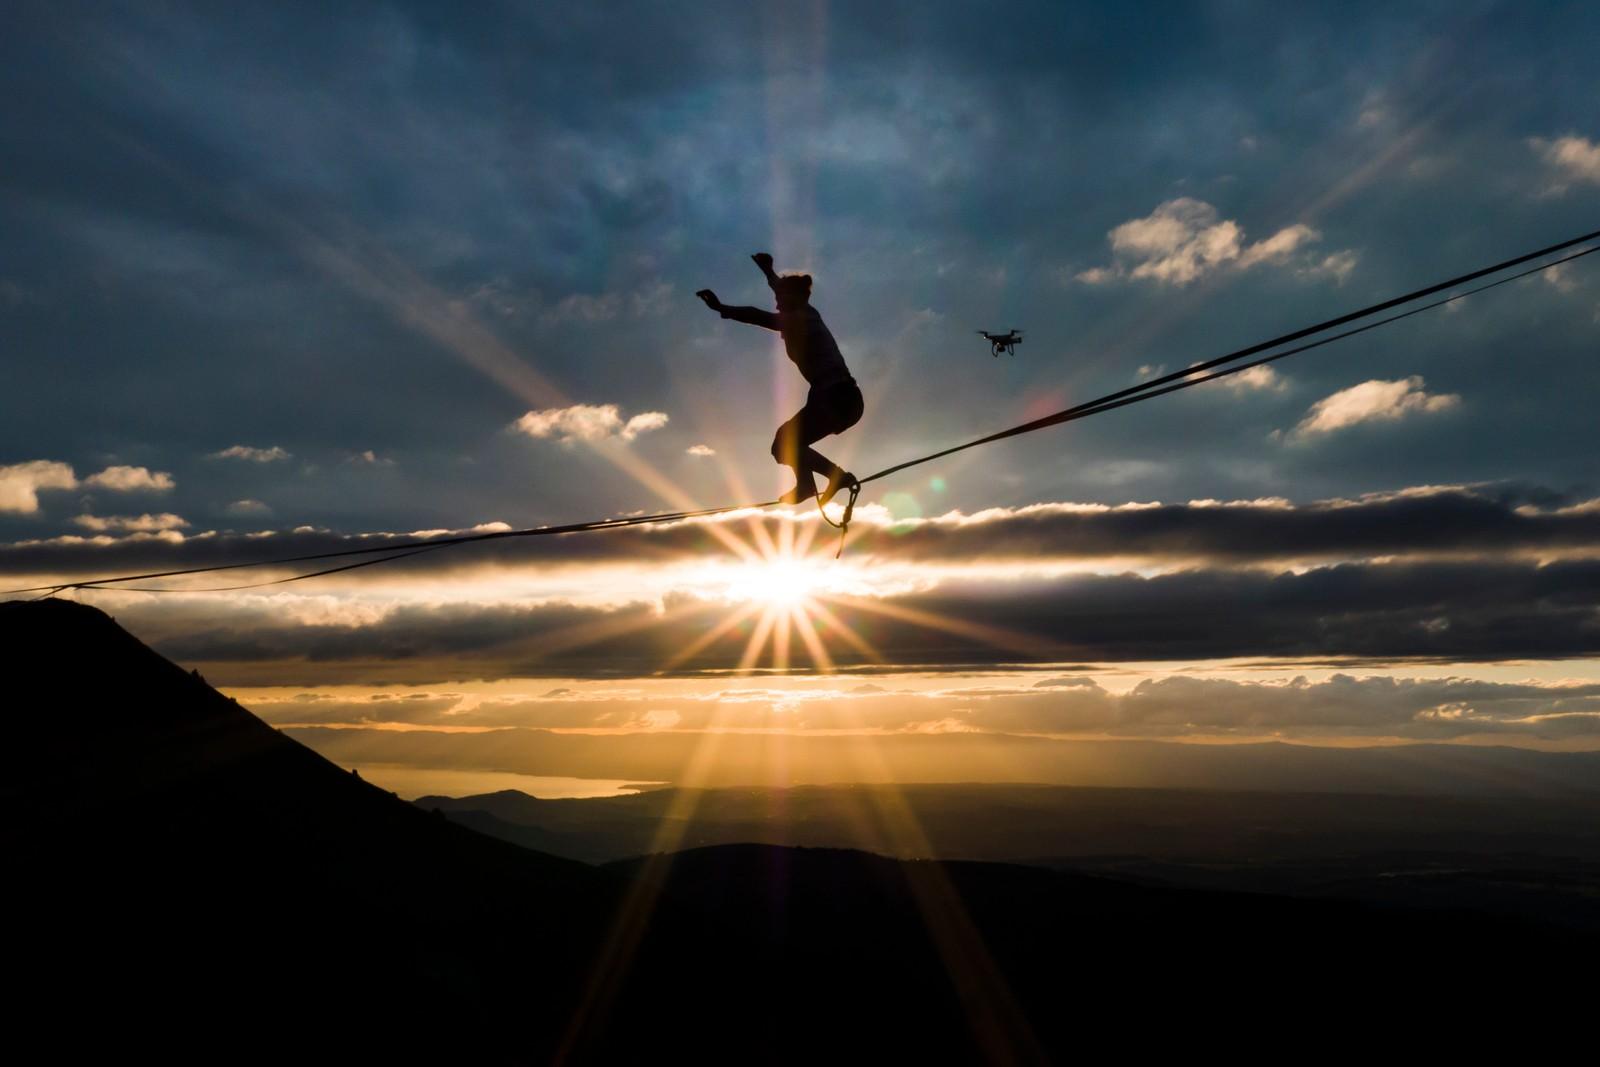 Highline Extreme er navnet på et arrangement i de sveitsiske alper der noen av verdens mest høytsvevende våghalser balanserer på line.